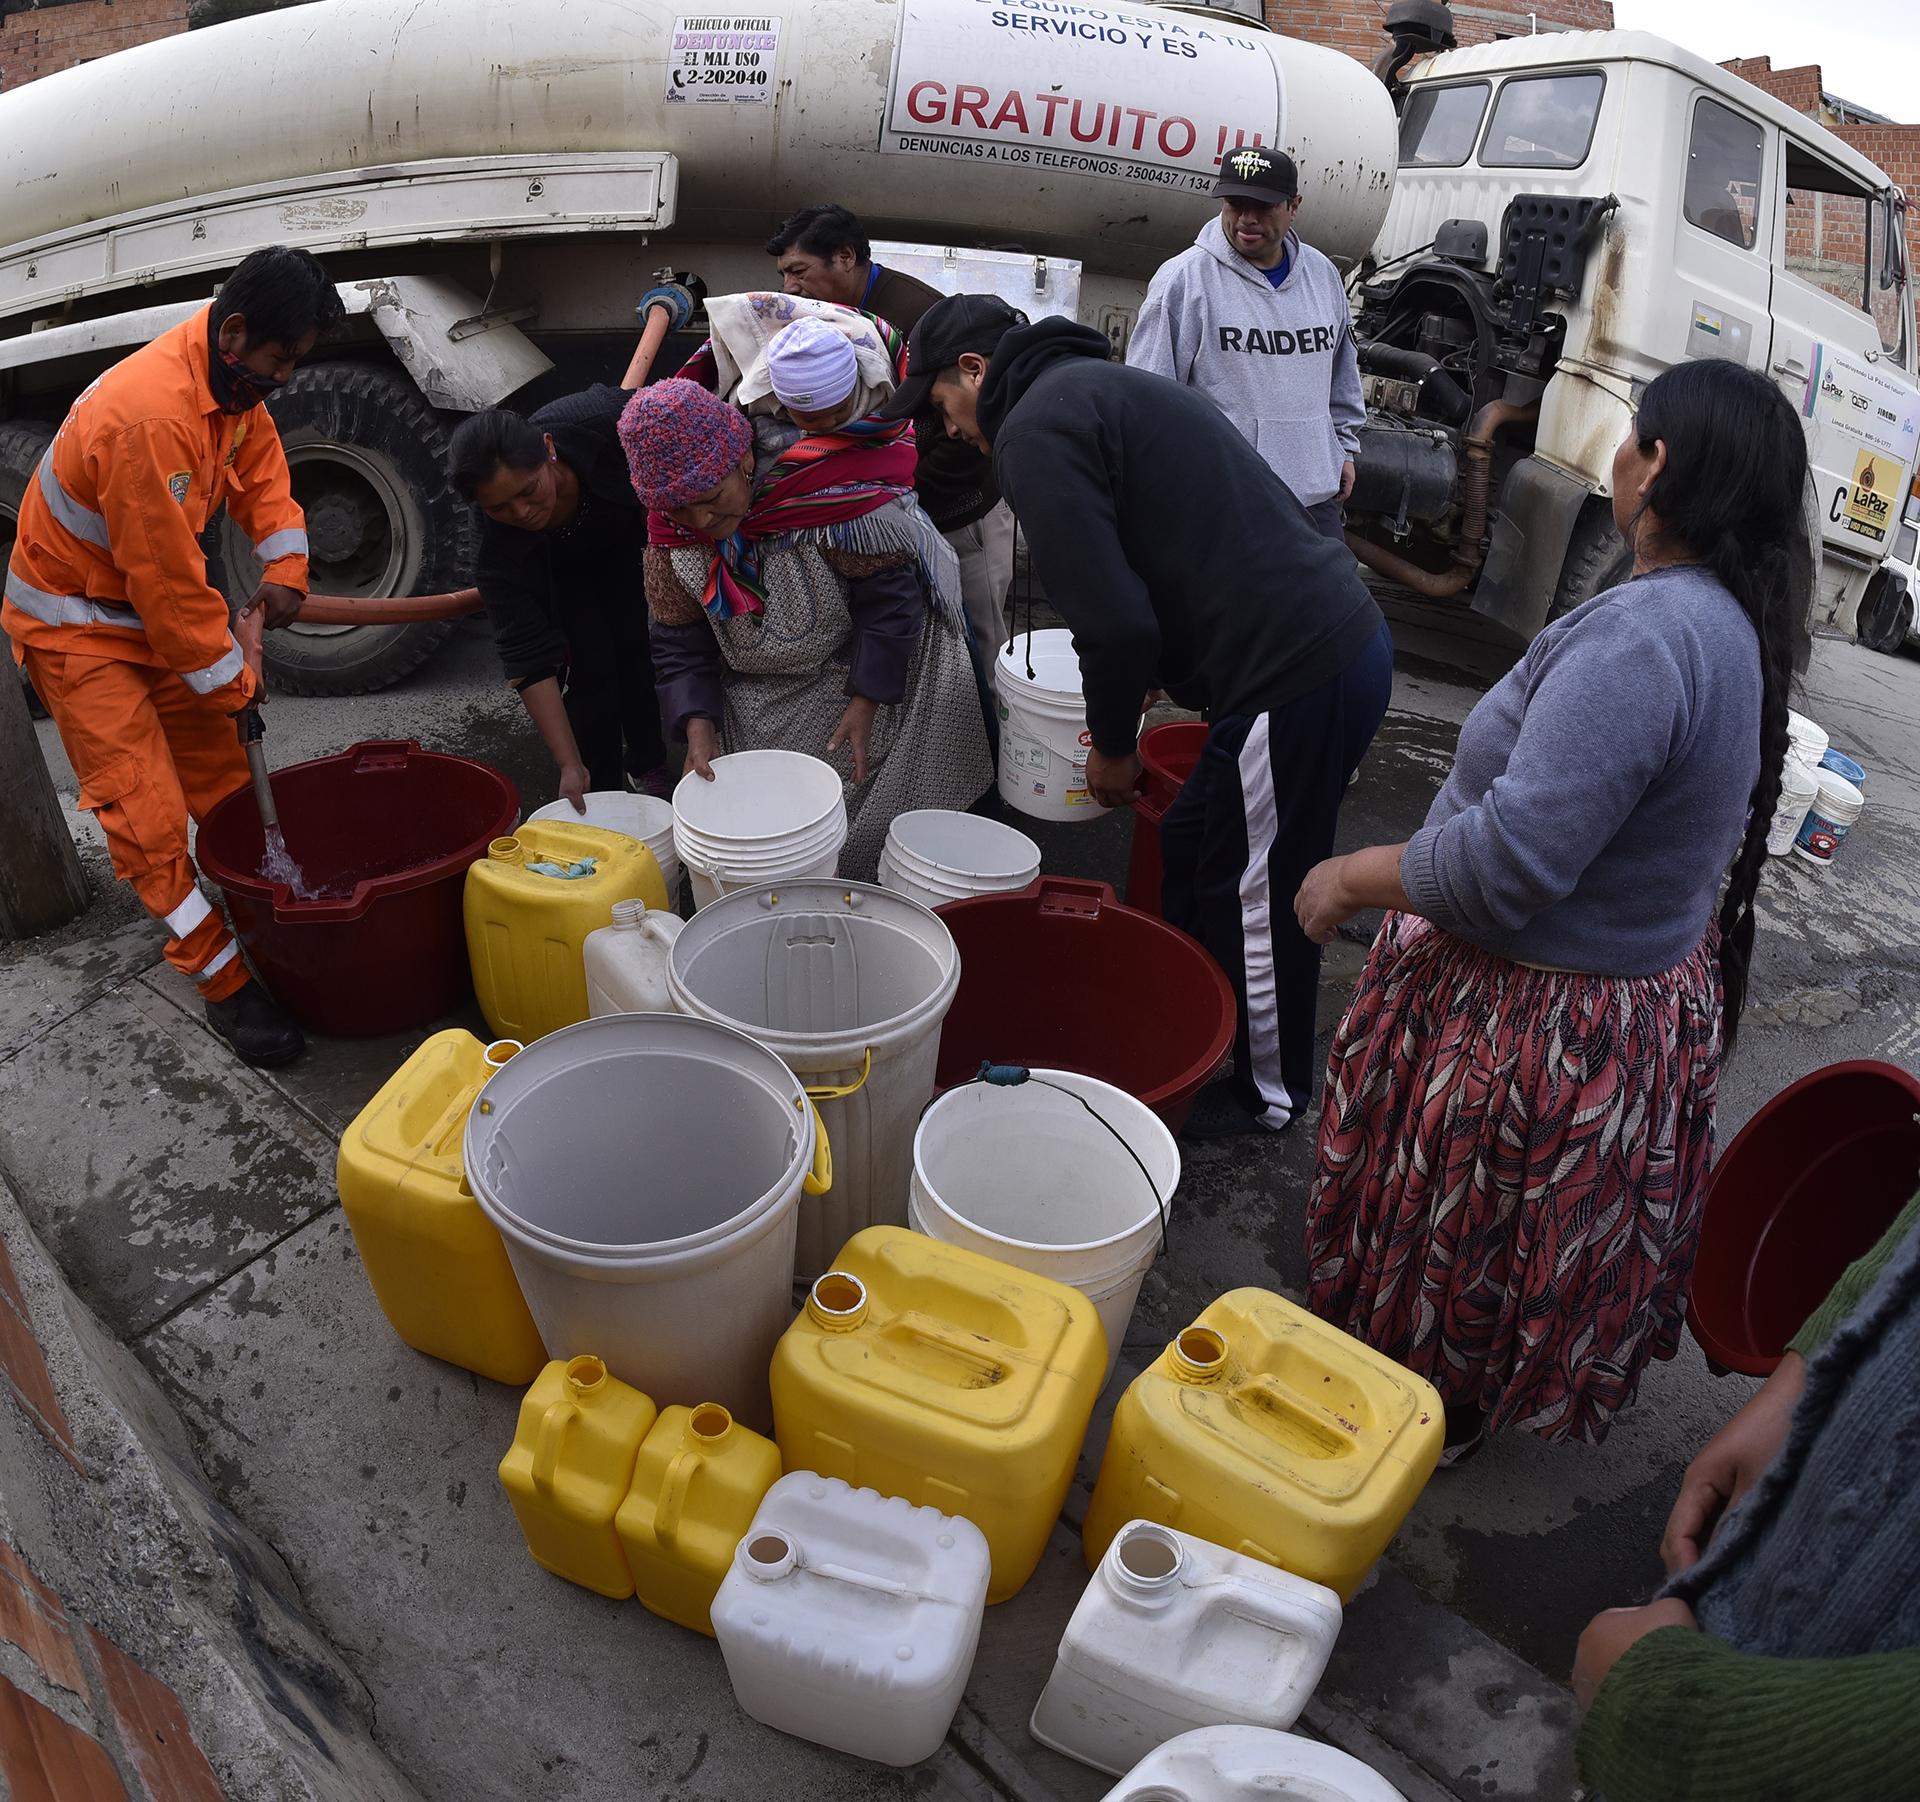 Los bolivianos estás desesperados por la falta de agua en La Paz y otras ciudades del país (AFP)